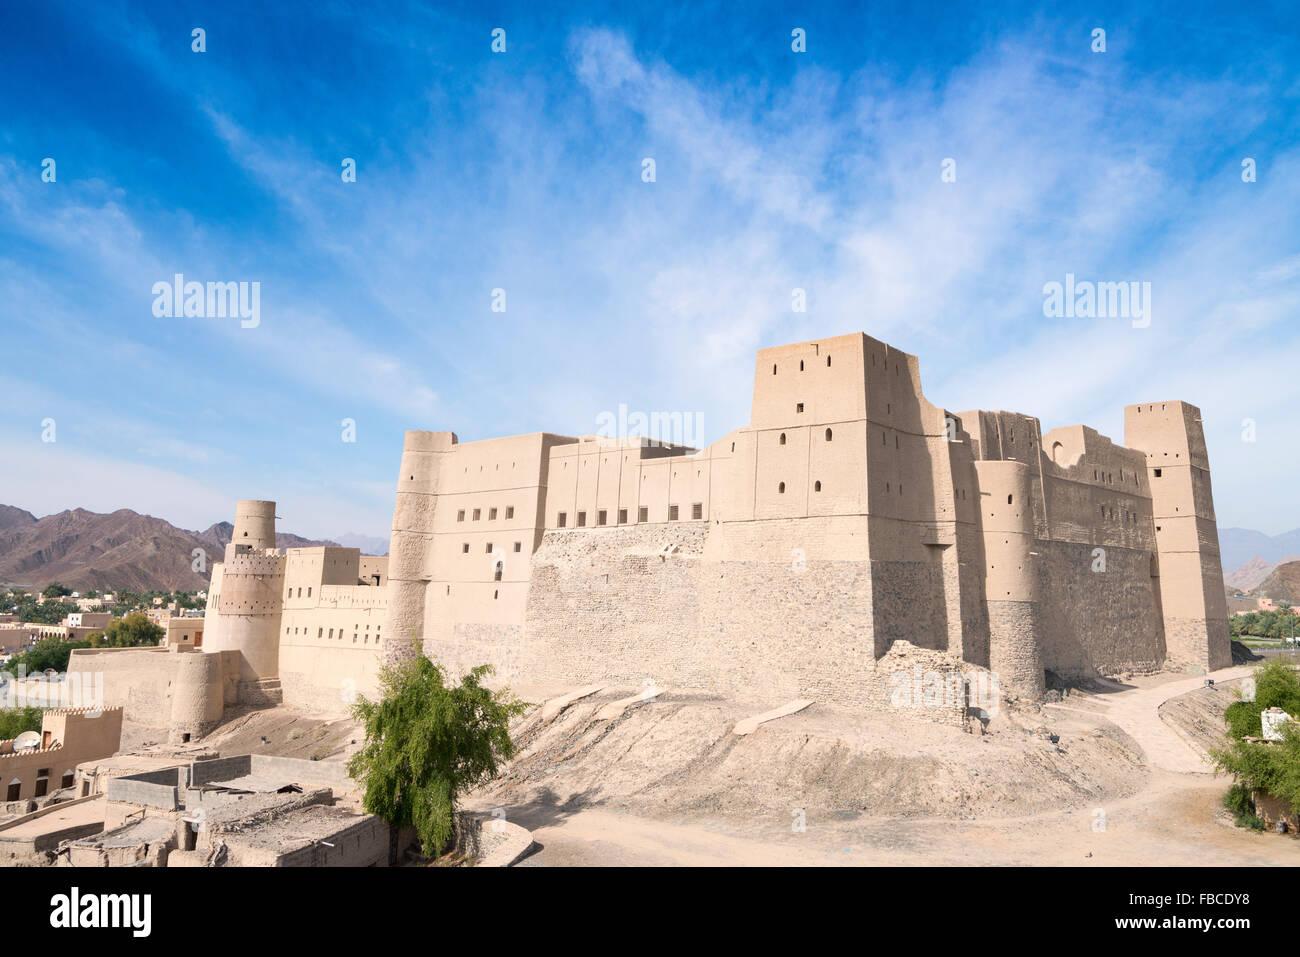 Vista exterior del Fuerte de Bahla en Omán, un sitio del Patrimonio Mundial de la UNESCO Imagen De Stock